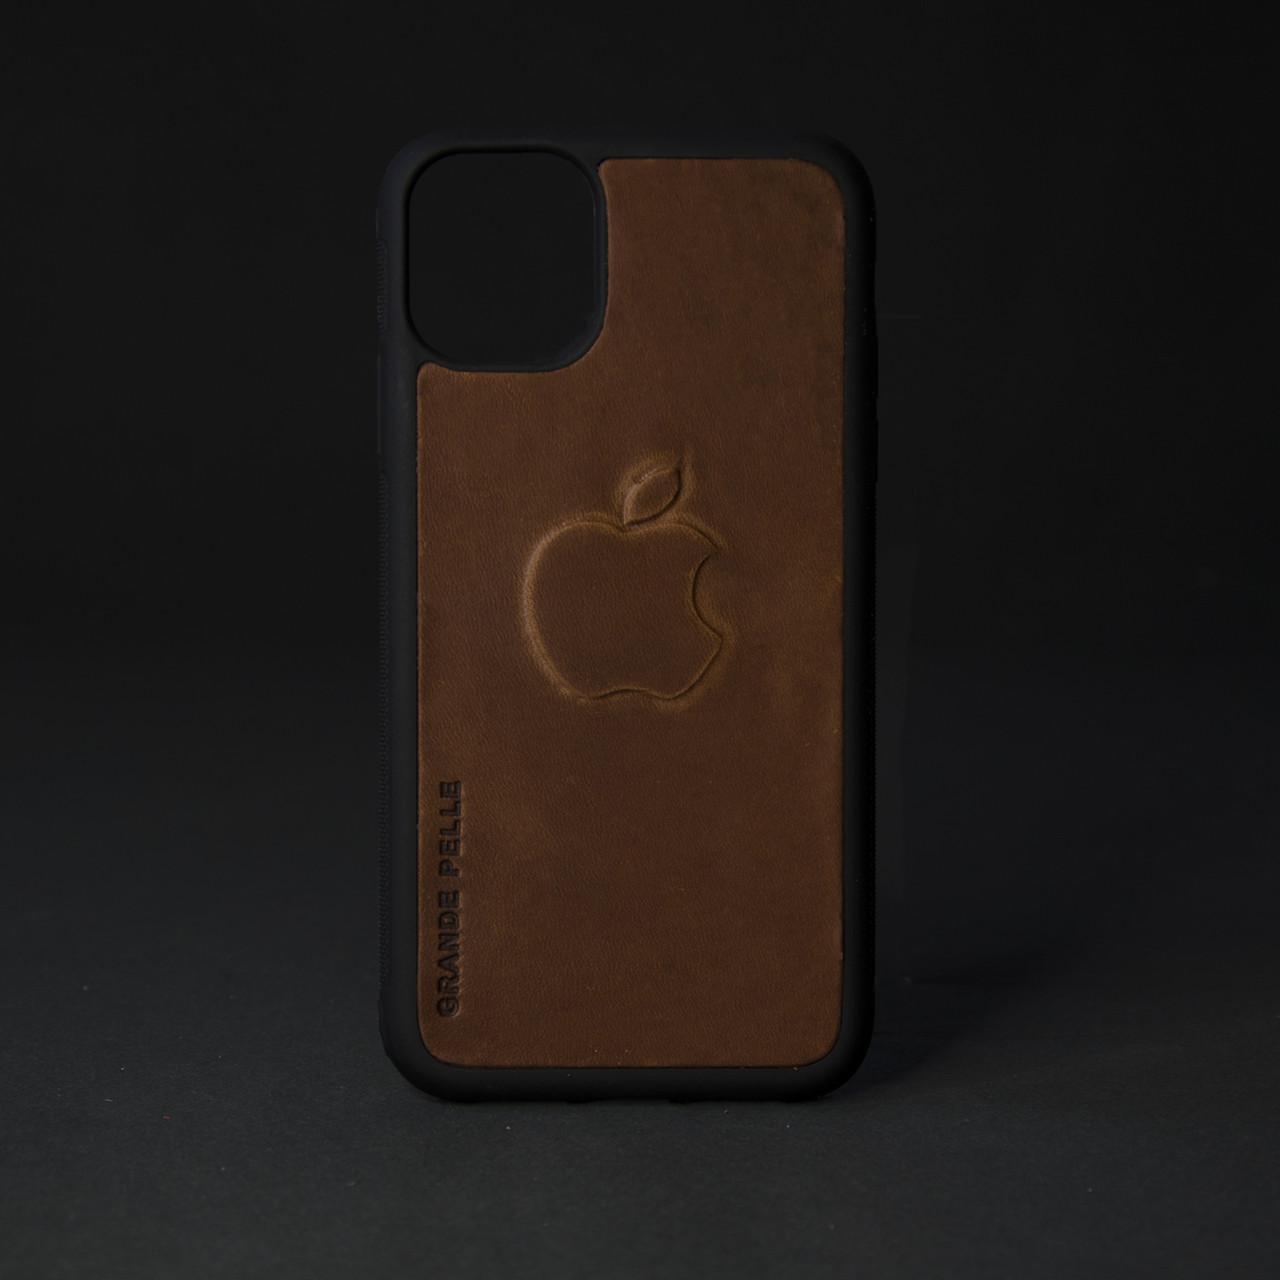 Кейс для IPhone, кон'як матова шкіра, з металевою вставкою для автотримача